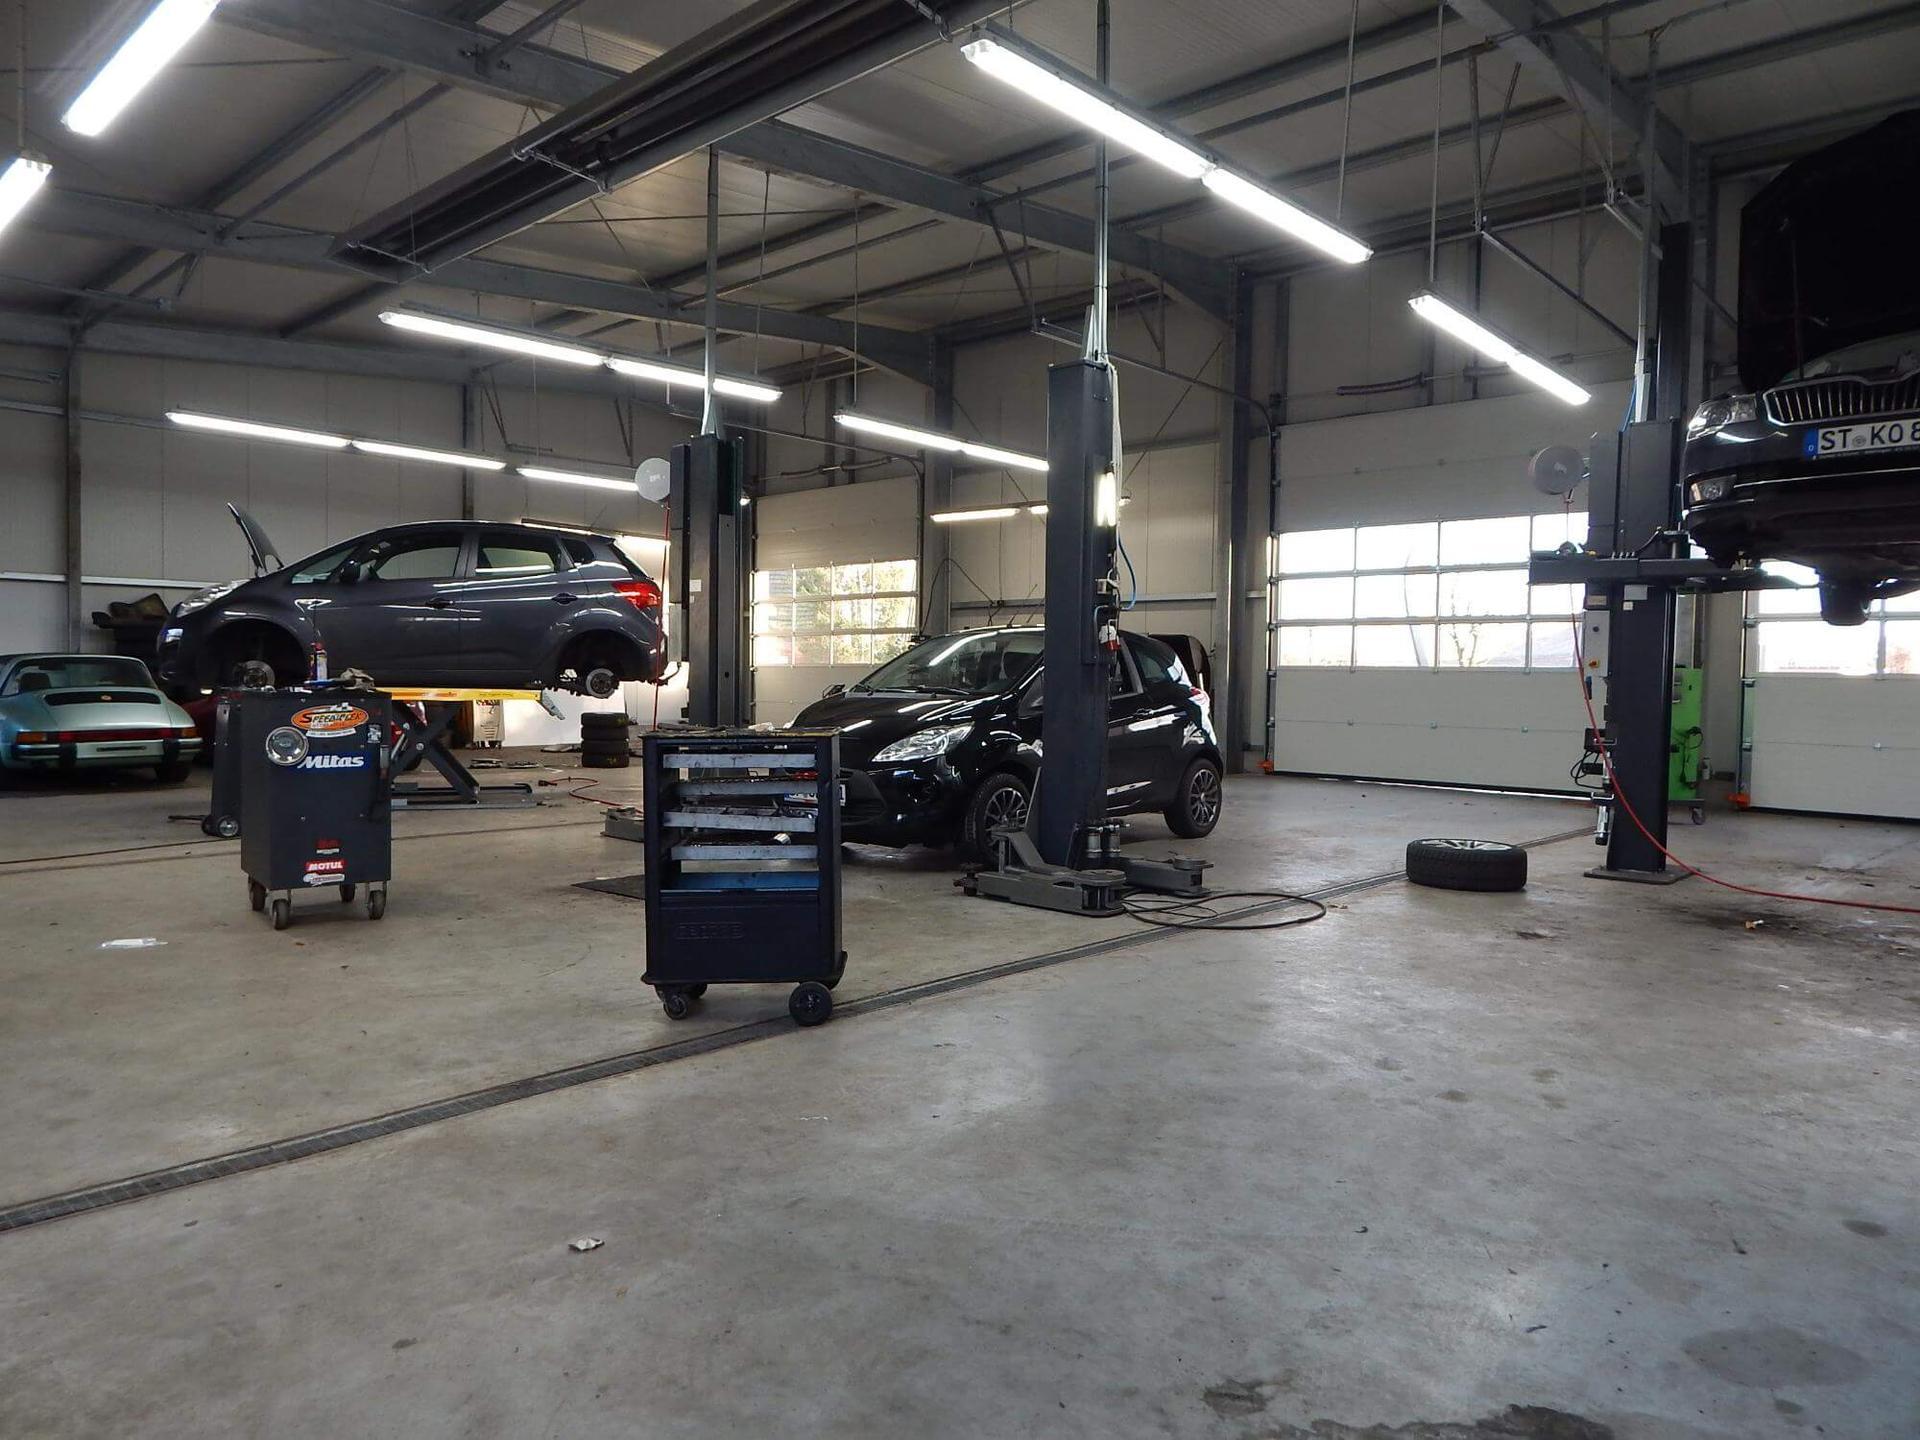 Autohaus Denker & Brünen GbR - KFZ-Werkstatt 1a autoservice und Fahrzeughandel - Neufahrzeuge Schnäppchen mit Rabatt